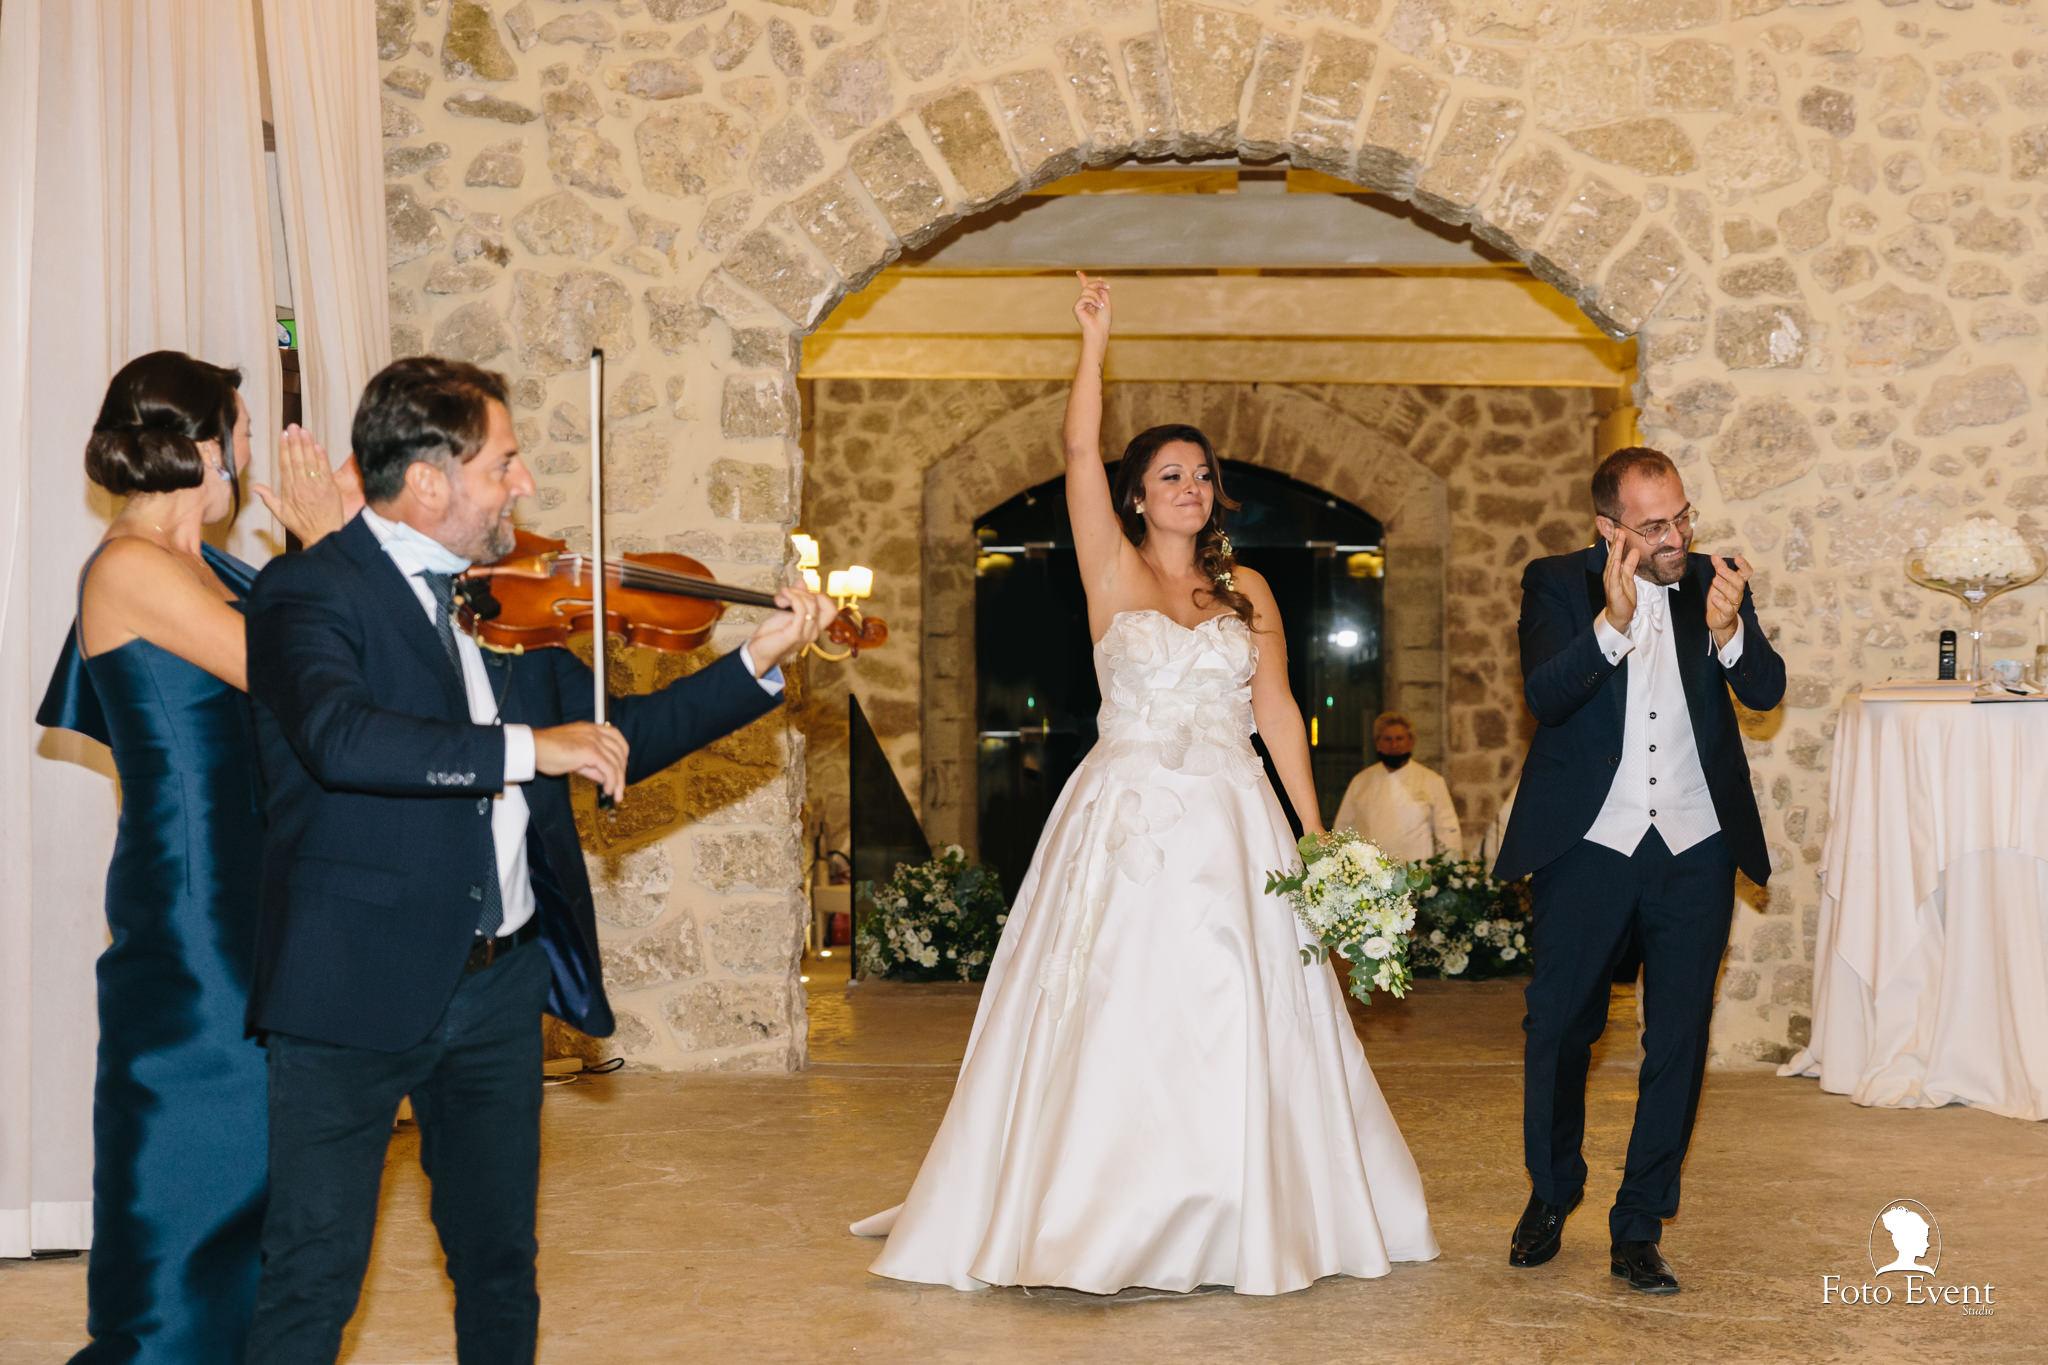 051-2020-10-15-Matrimonio-Noemi-e-Salvatore-Paterno-5DE-2082